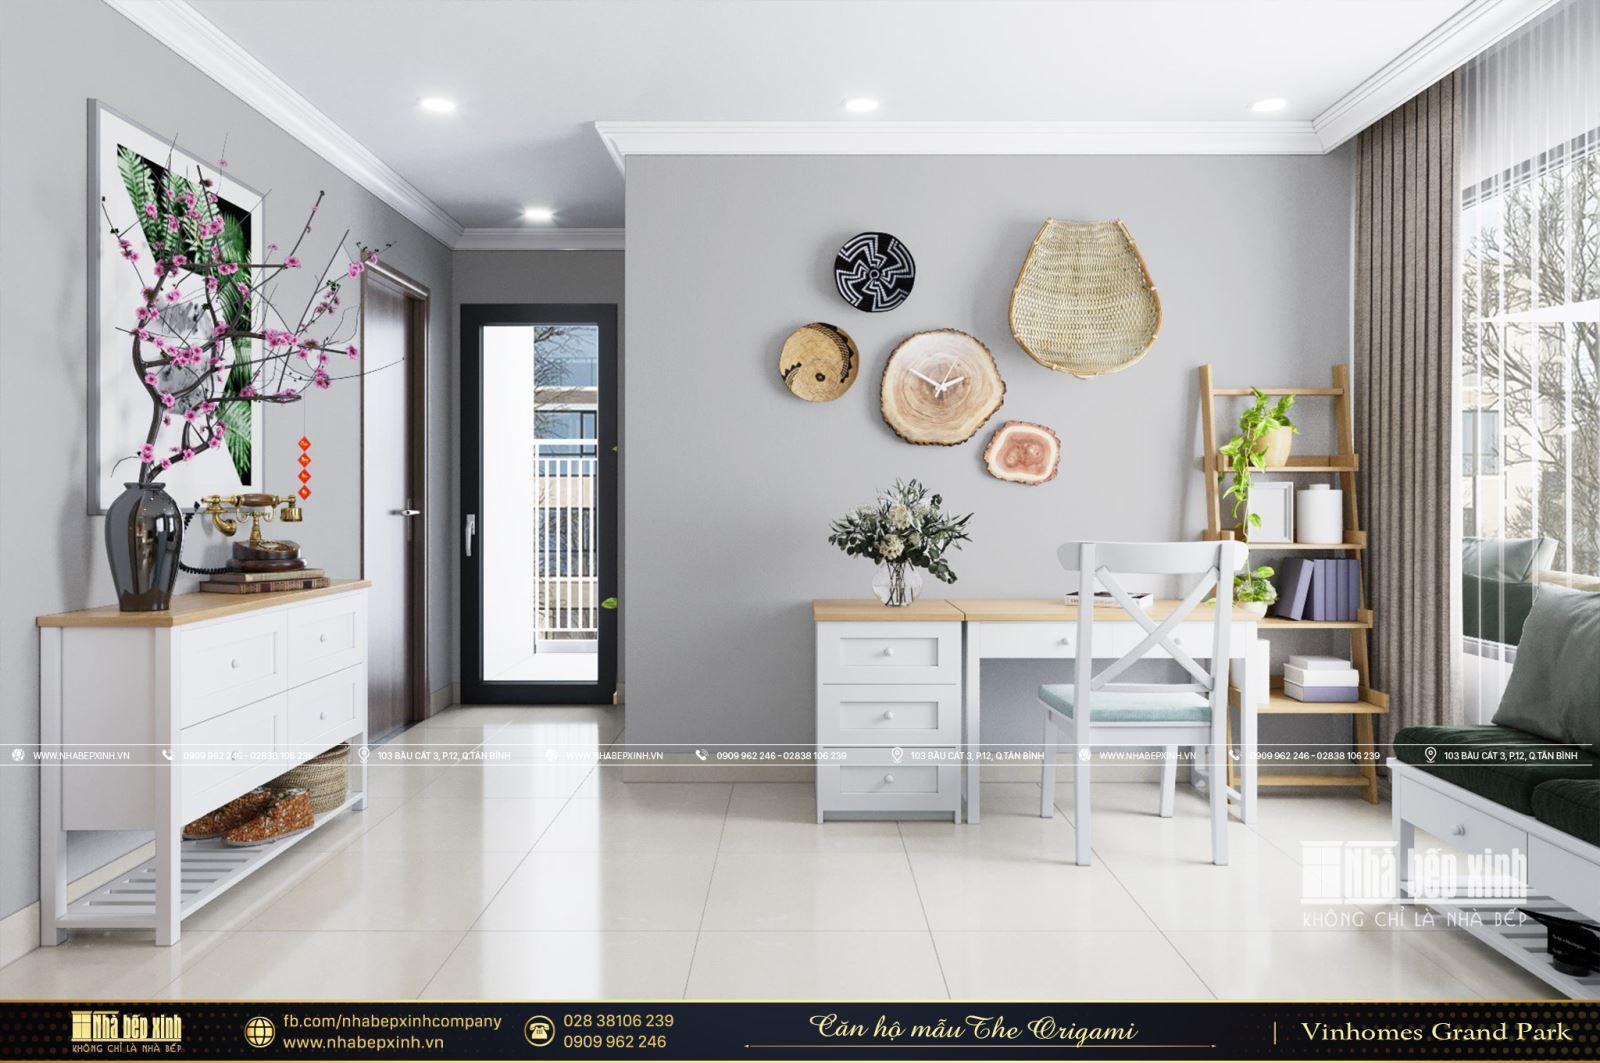 Thiết kế nội thất căn hộ mẫu 69m2 The Origami - Vinhomes Grand Park Quận 9